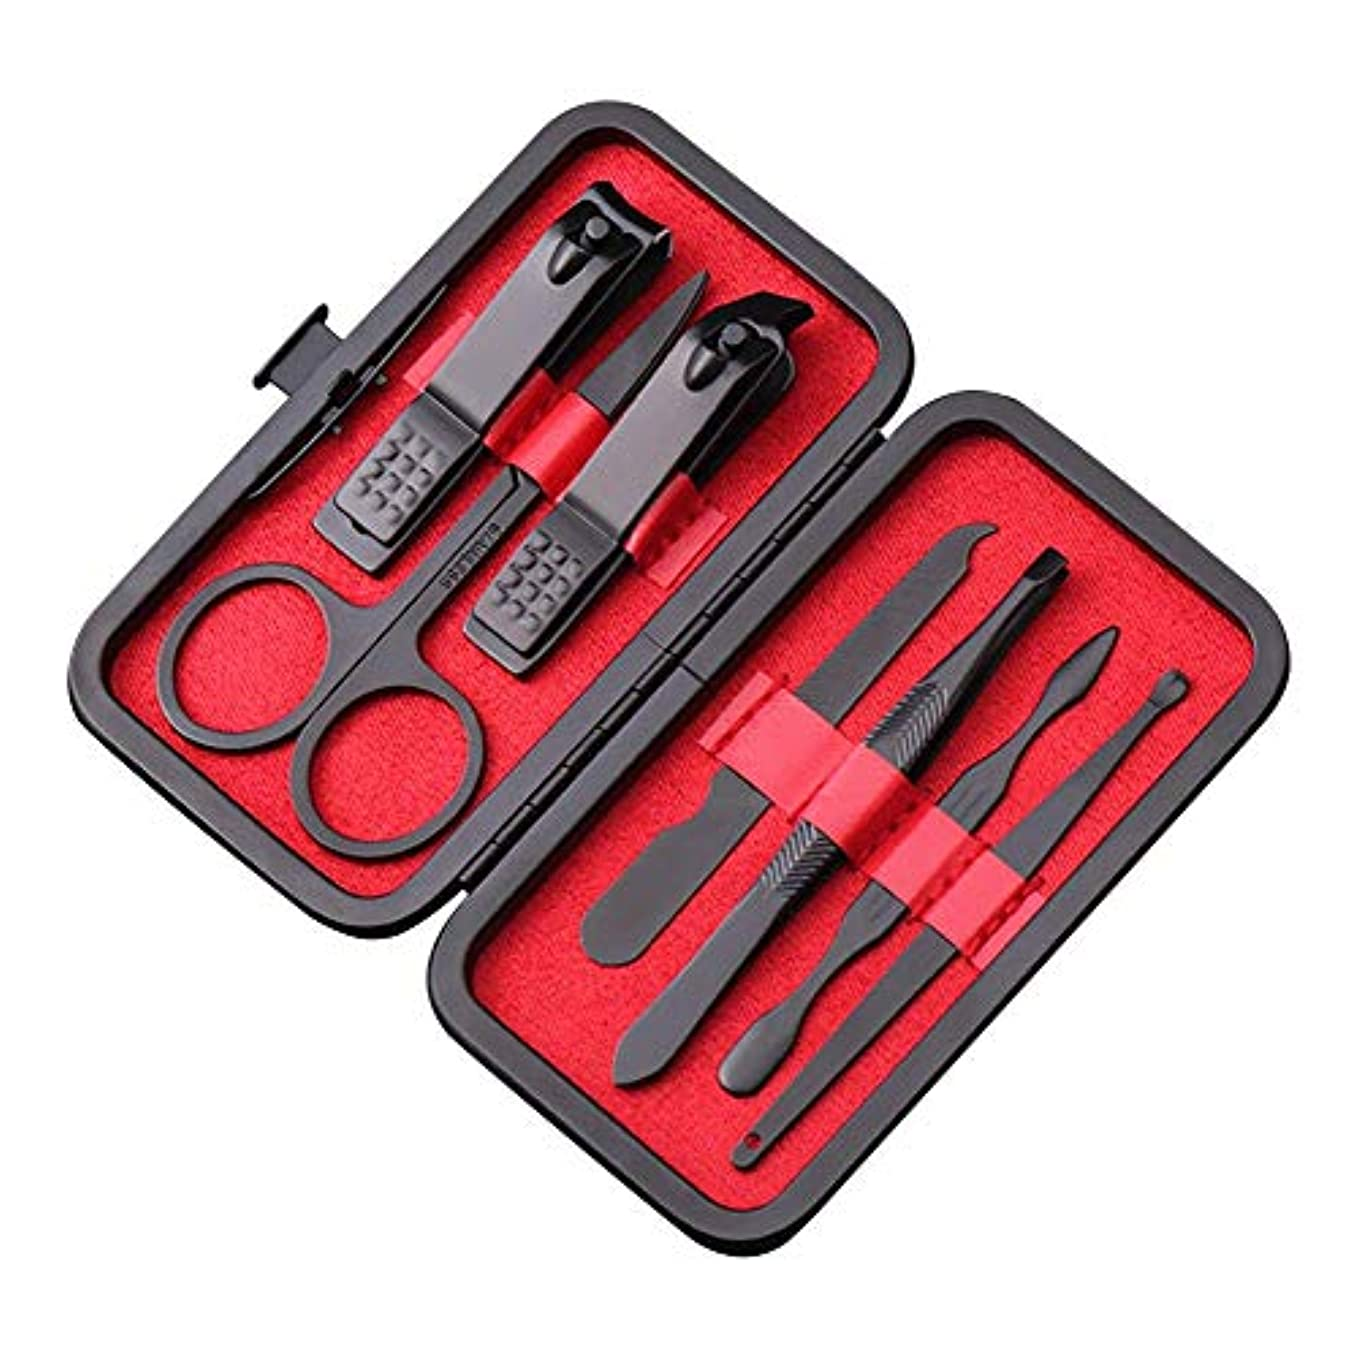 ハグ勃起増強マニキュア ペディキュアキット 爪切りセット 7点セット プロのビューティキット ネイルハサミ 甘皮取り レザーケース付き 赤